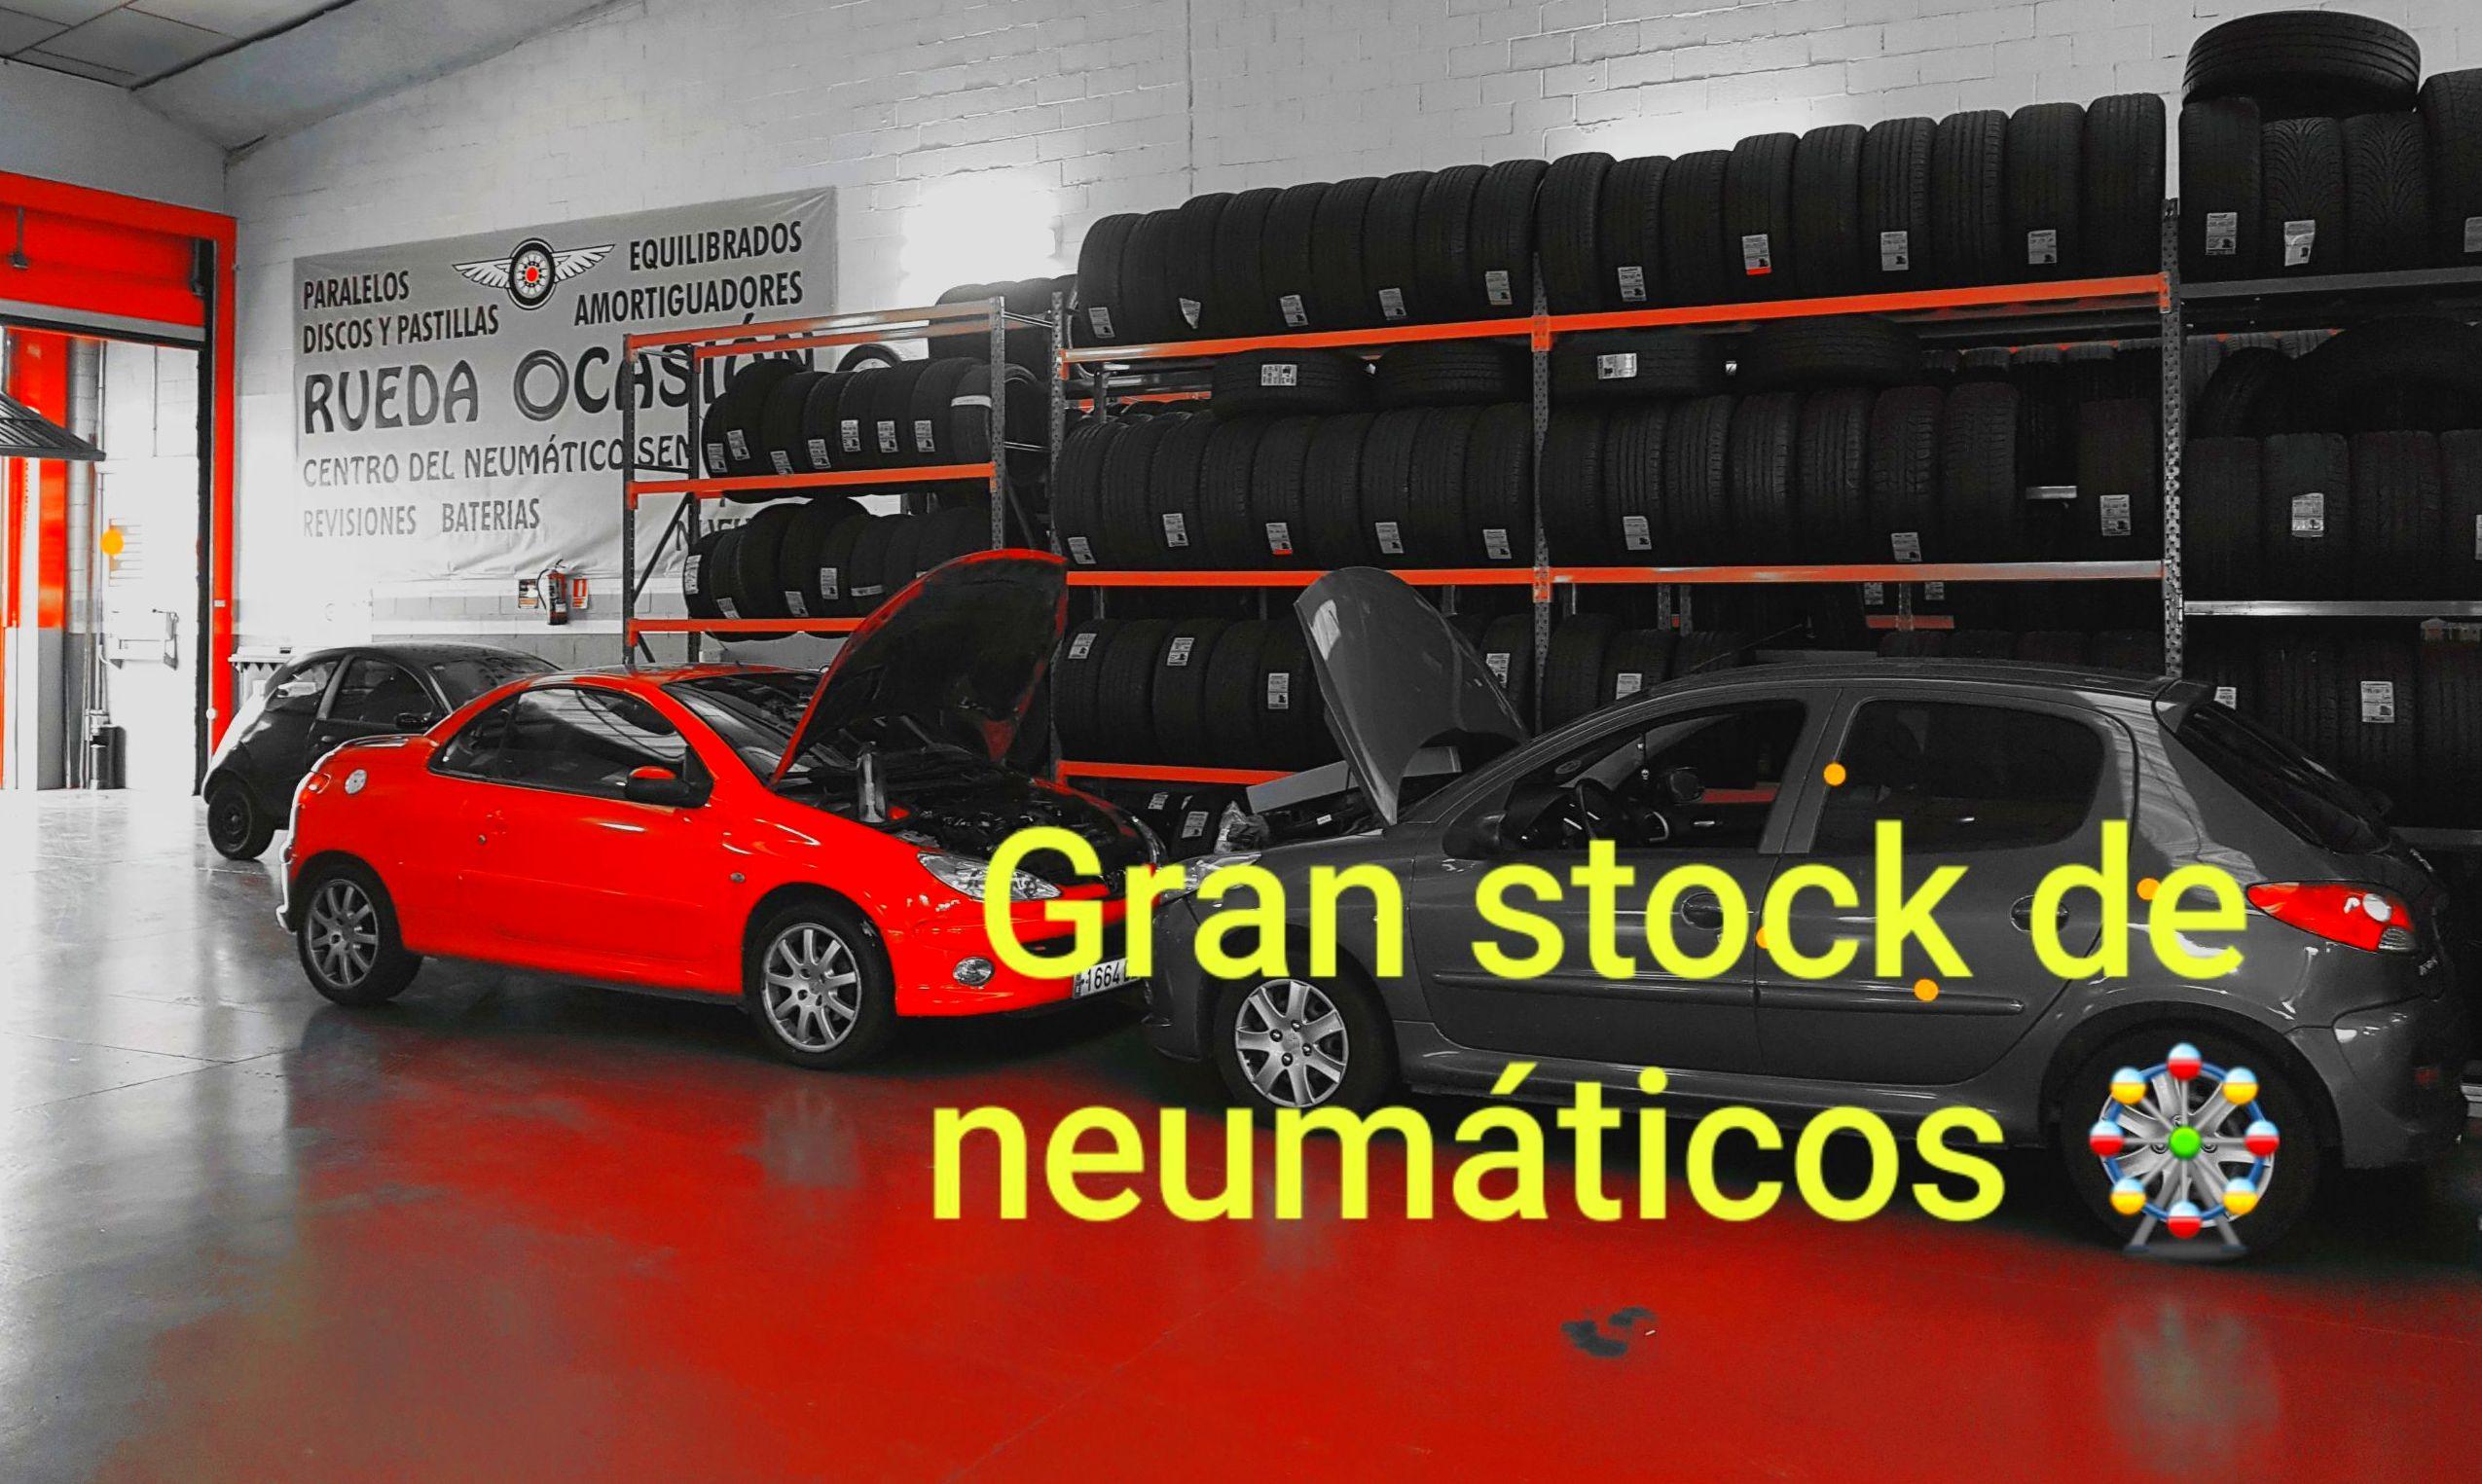 Foto 16 de Neumáticos en Colmenar Viejo | Rueda Ocasión